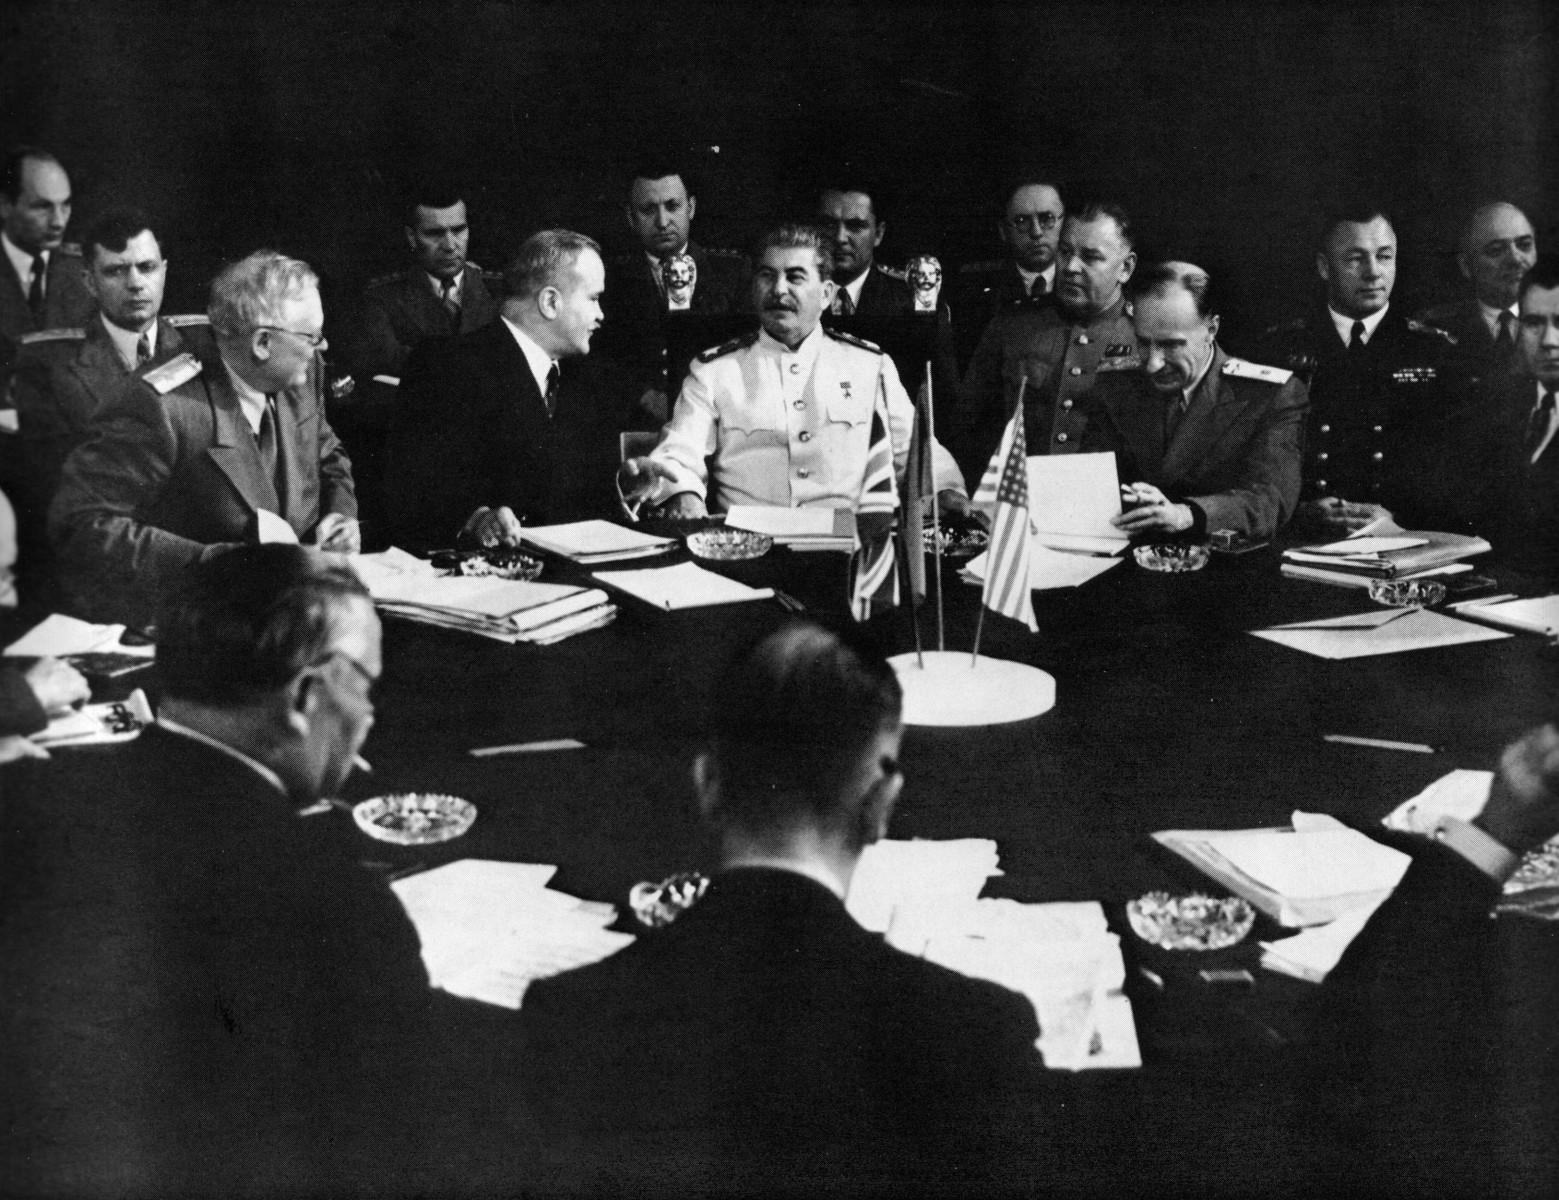 Евгений Халдей: За круглым столом Берлинской конференции